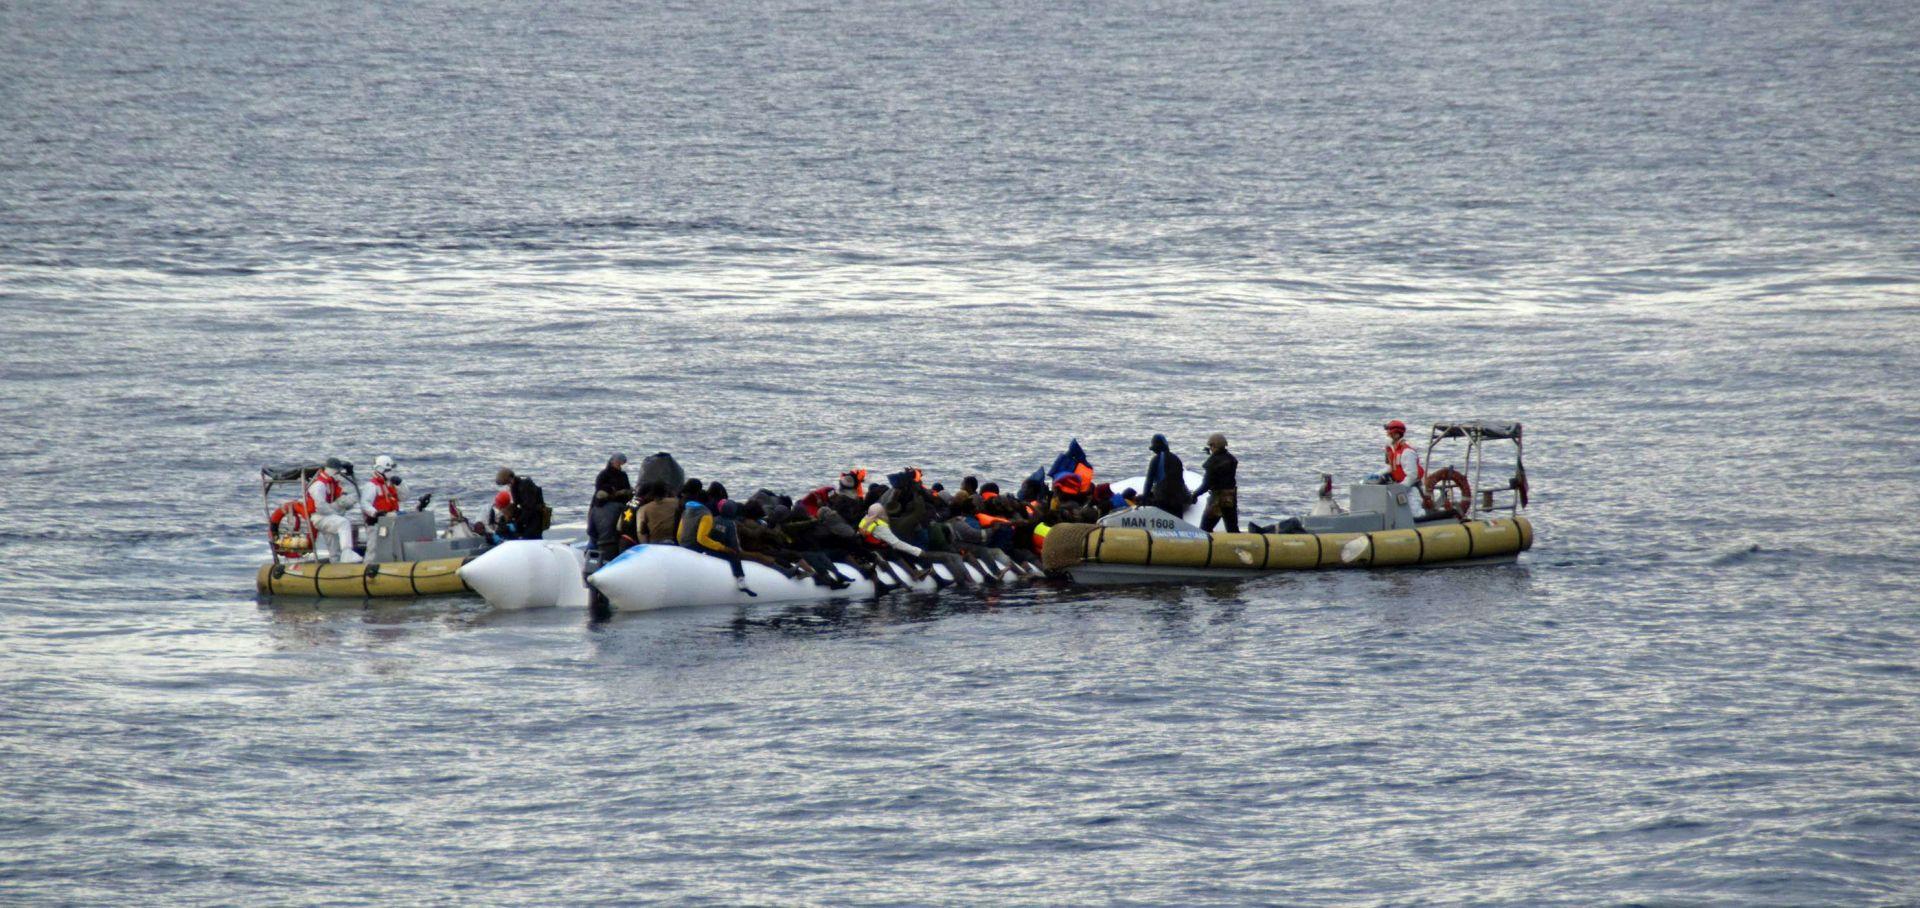 NATO: Migranti spašeni u Egejskom moru bit će vraćeni u Tursku